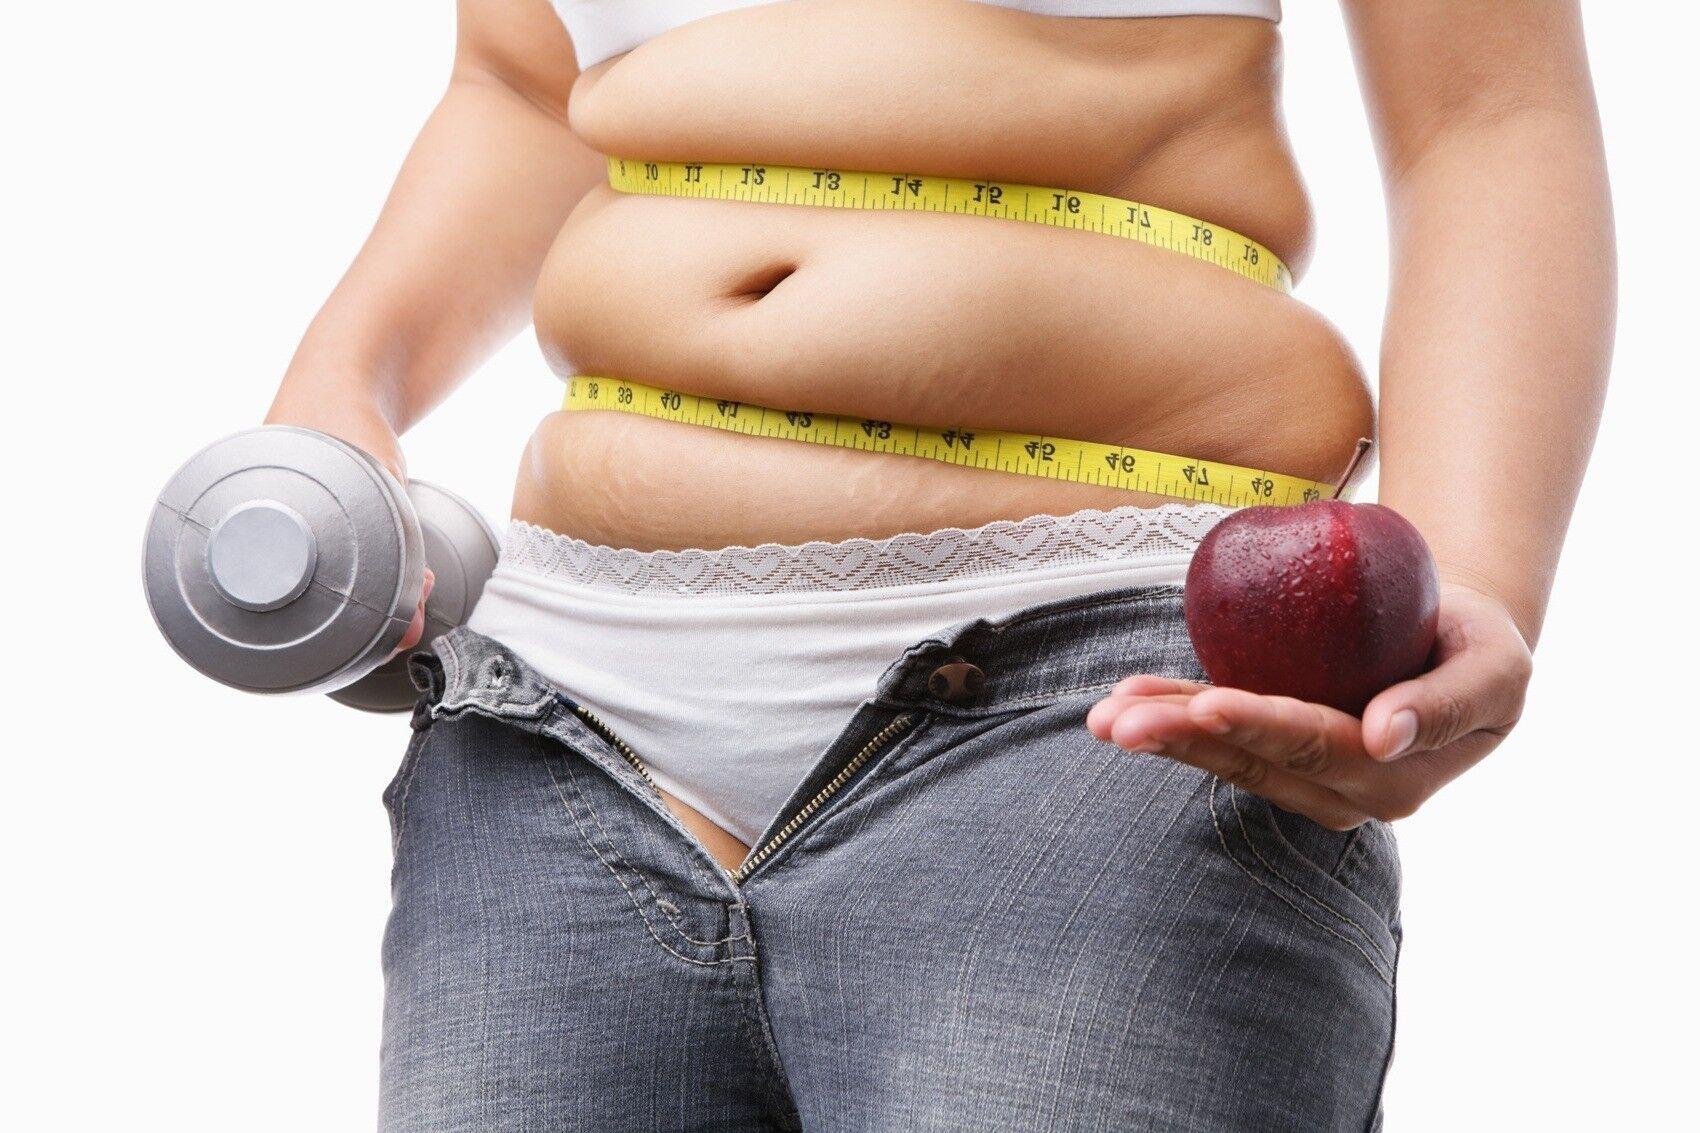 Всемирный день борьбы с ожирением: когда отмечают